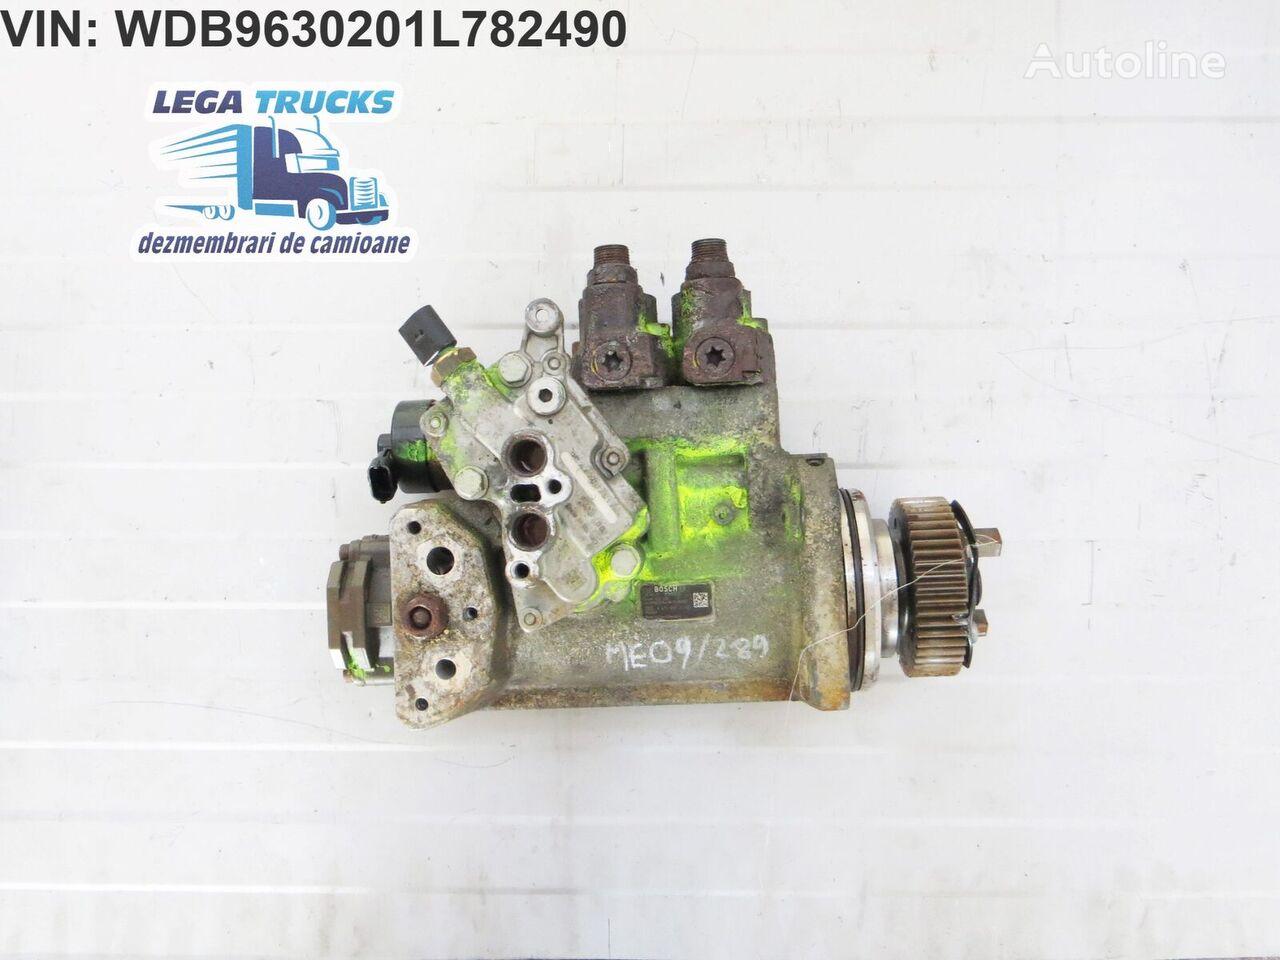 MERCEDES-BENZ (A4700902150) manguera de alta presión para tractora